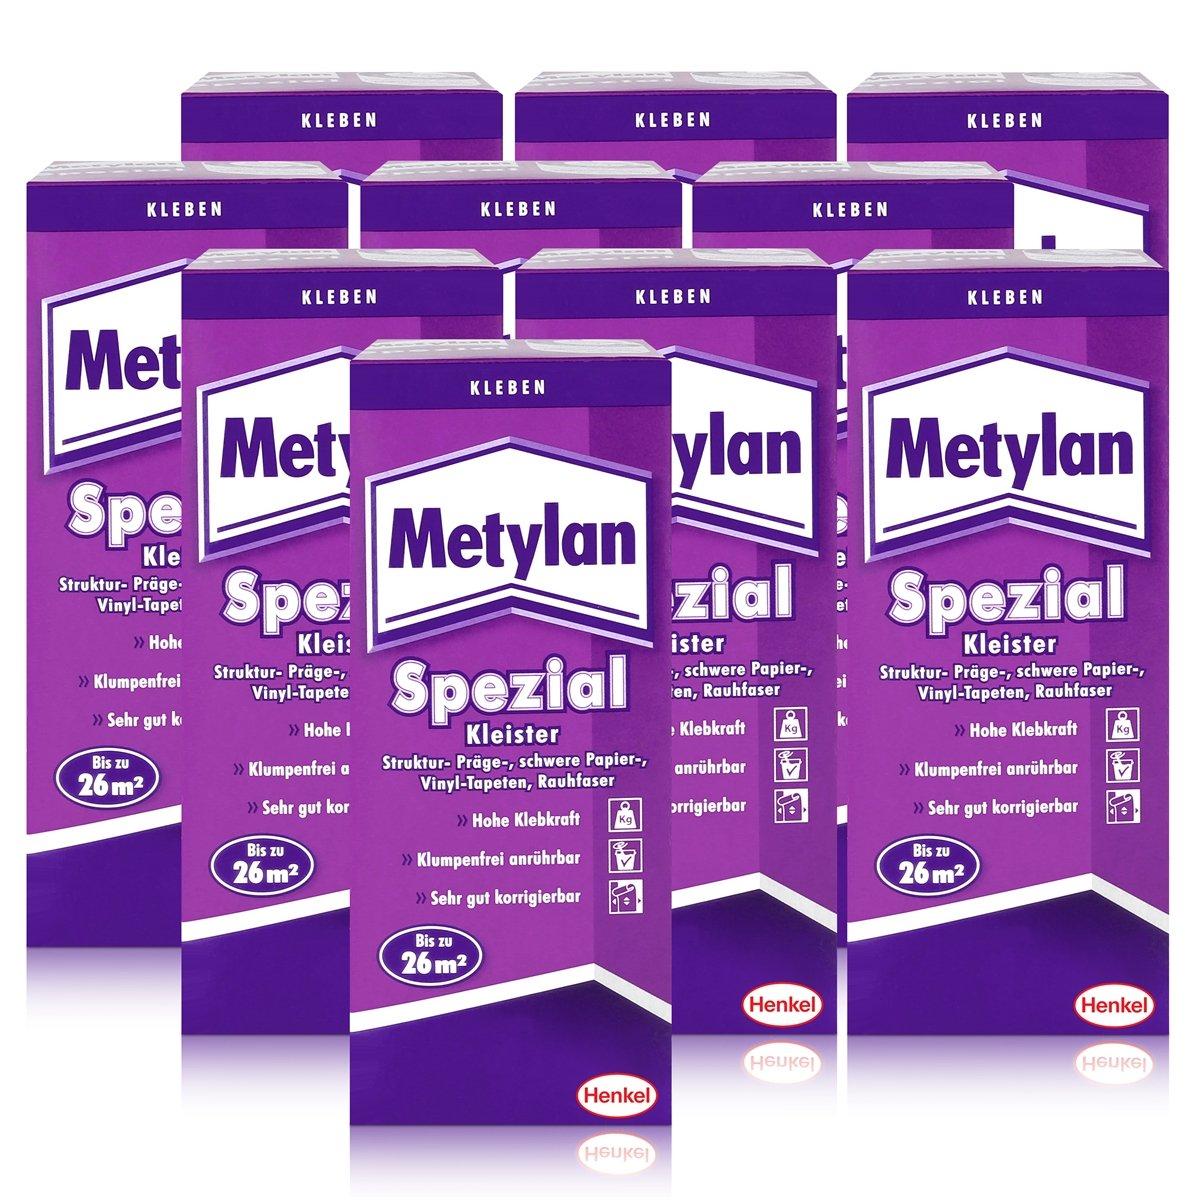 Fabelhaft Vinyltapete Kleben Sammlung Von Henkel Metylan Special Paste With Extra Power